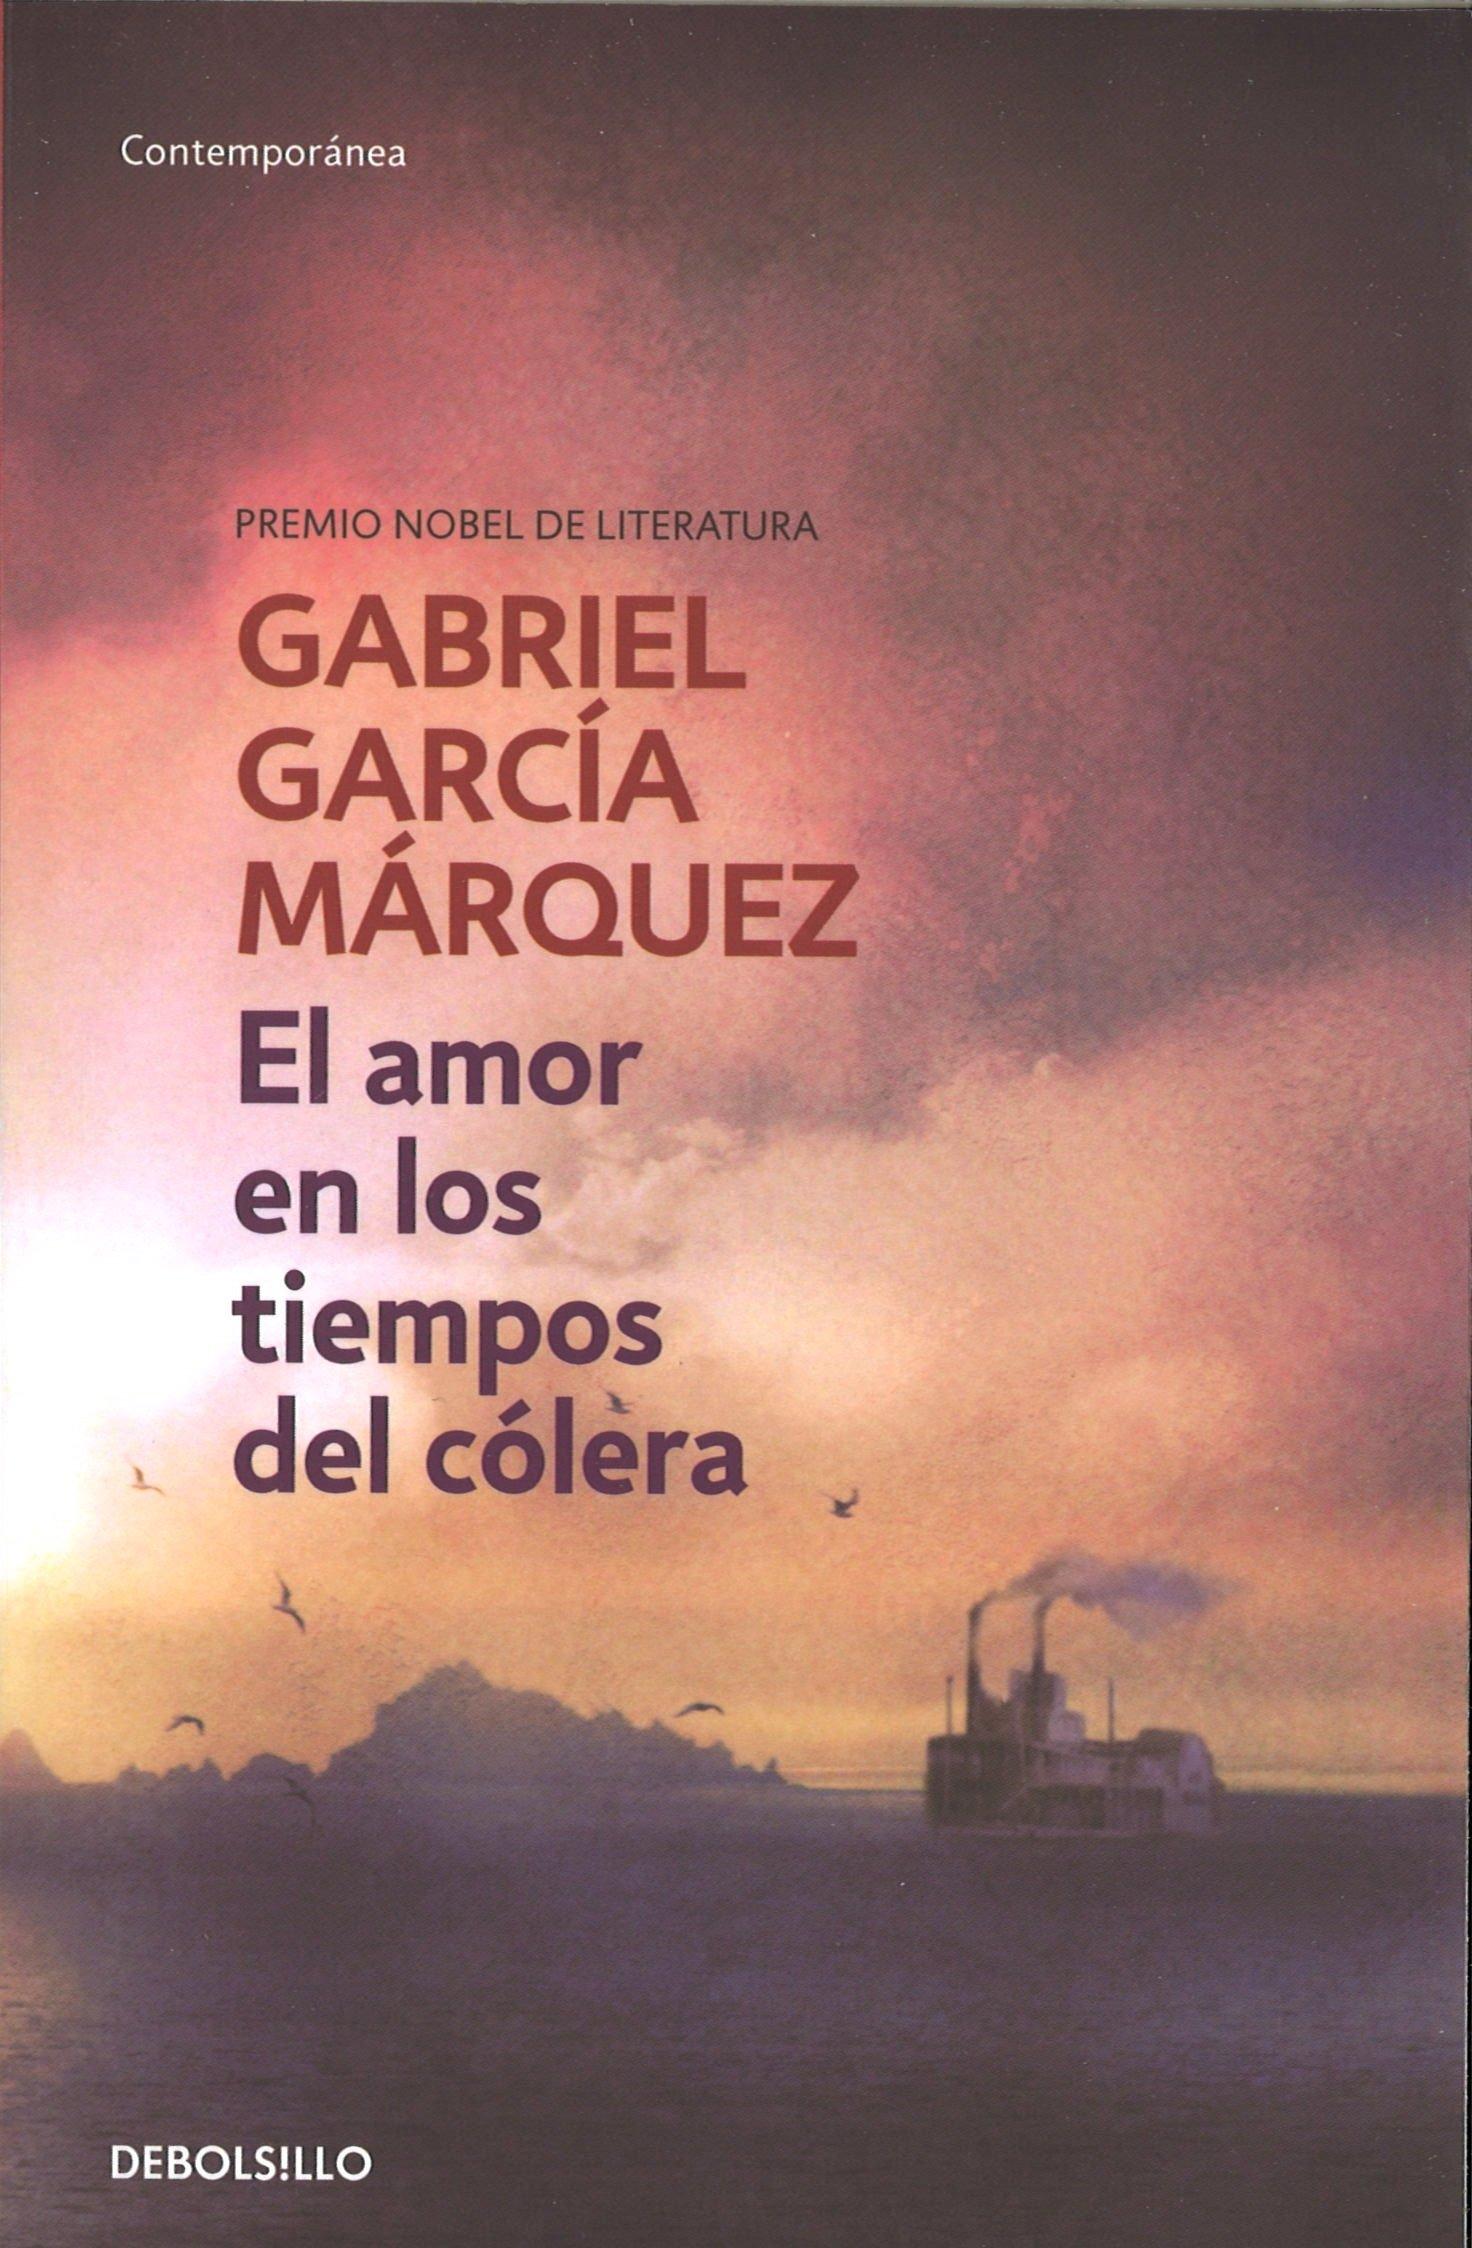 El amor en los tiempos del cólera (CONTEMPORANEA, Band 26201)